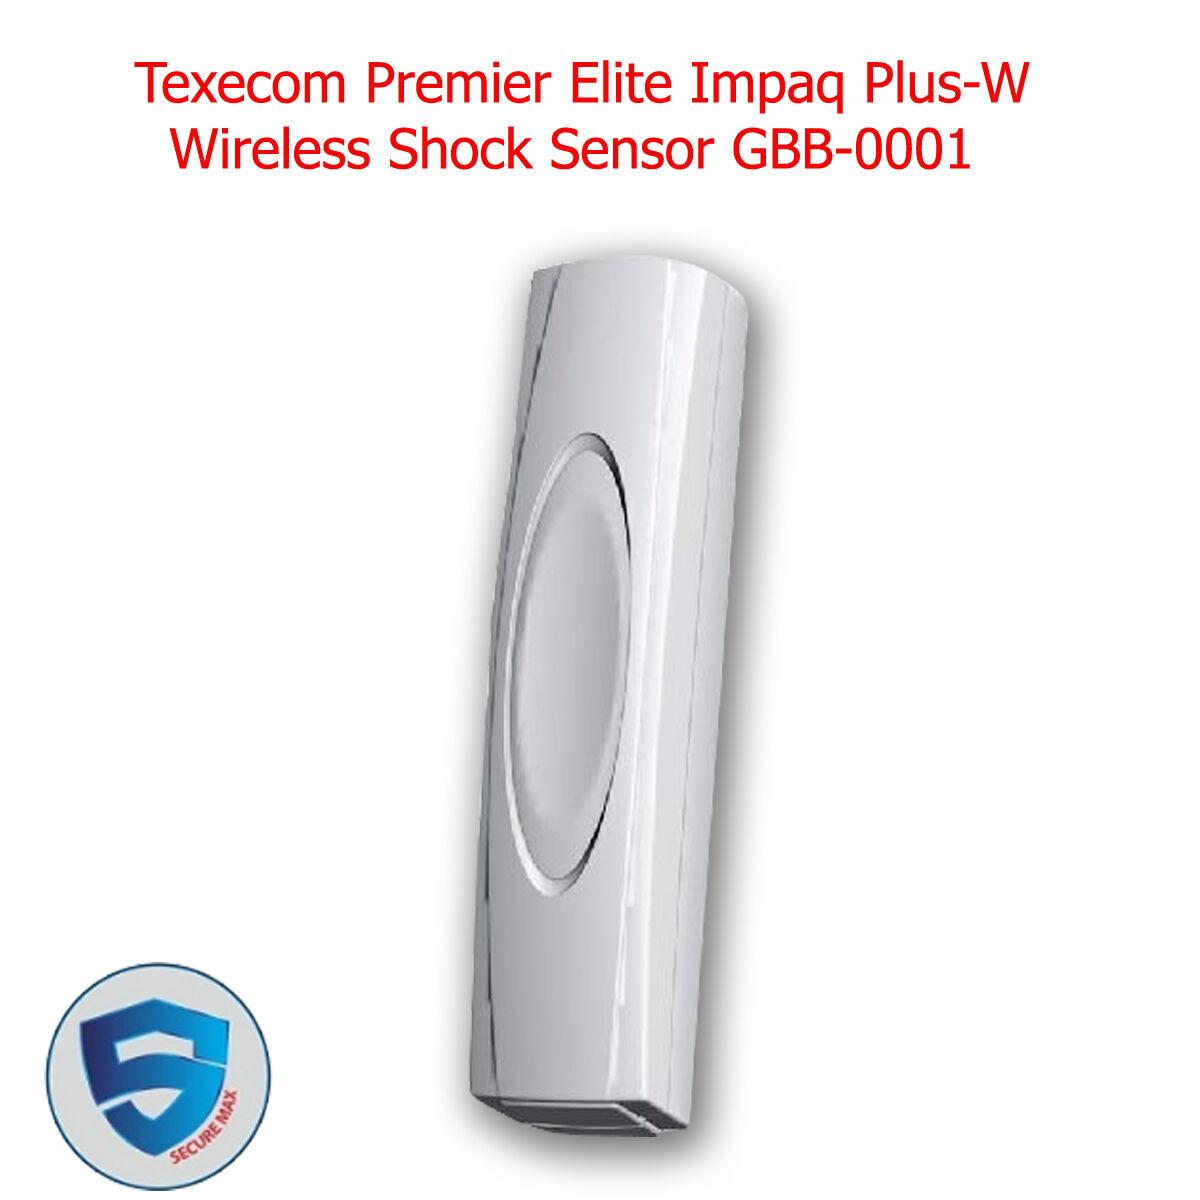 TEXECOM DETECTOR SHOCK IMPAQ PLUS PREMIER WHITE AEB-0001